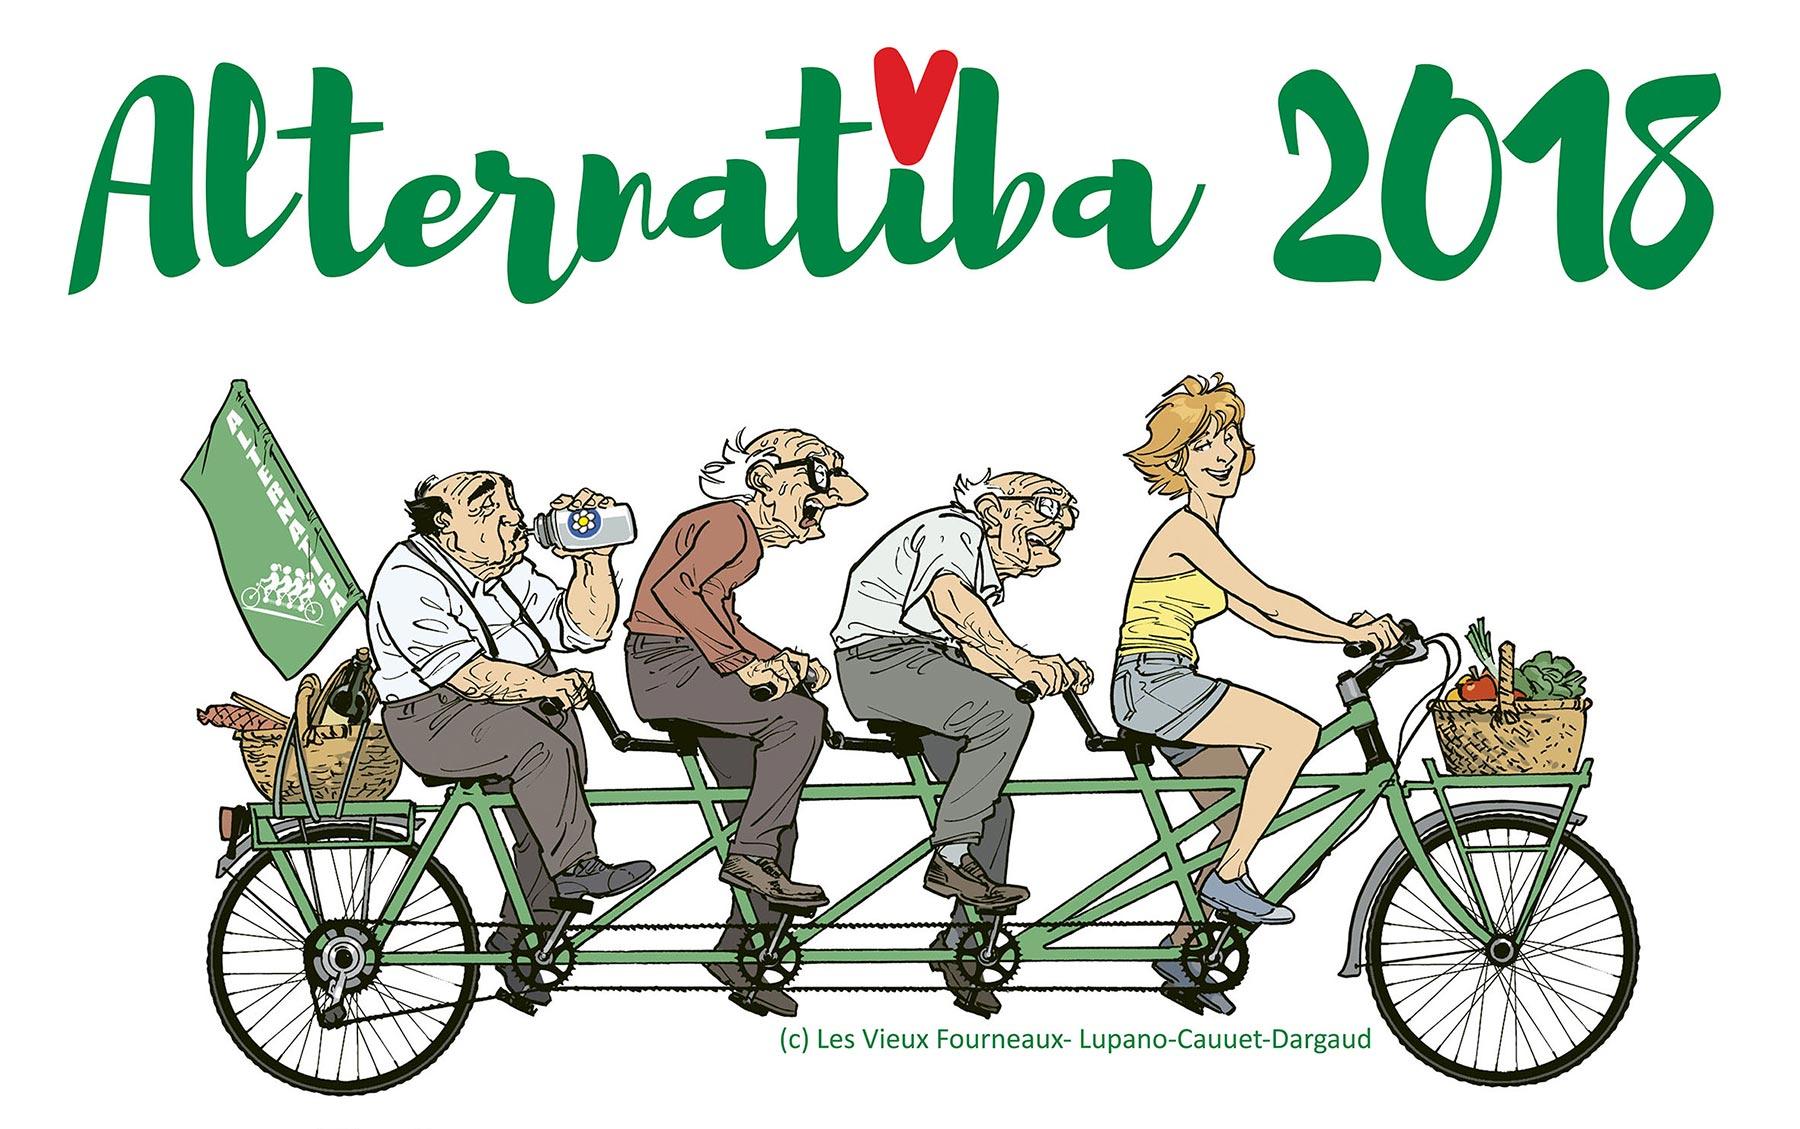 Vieux-fournaux-alternatiba-2018